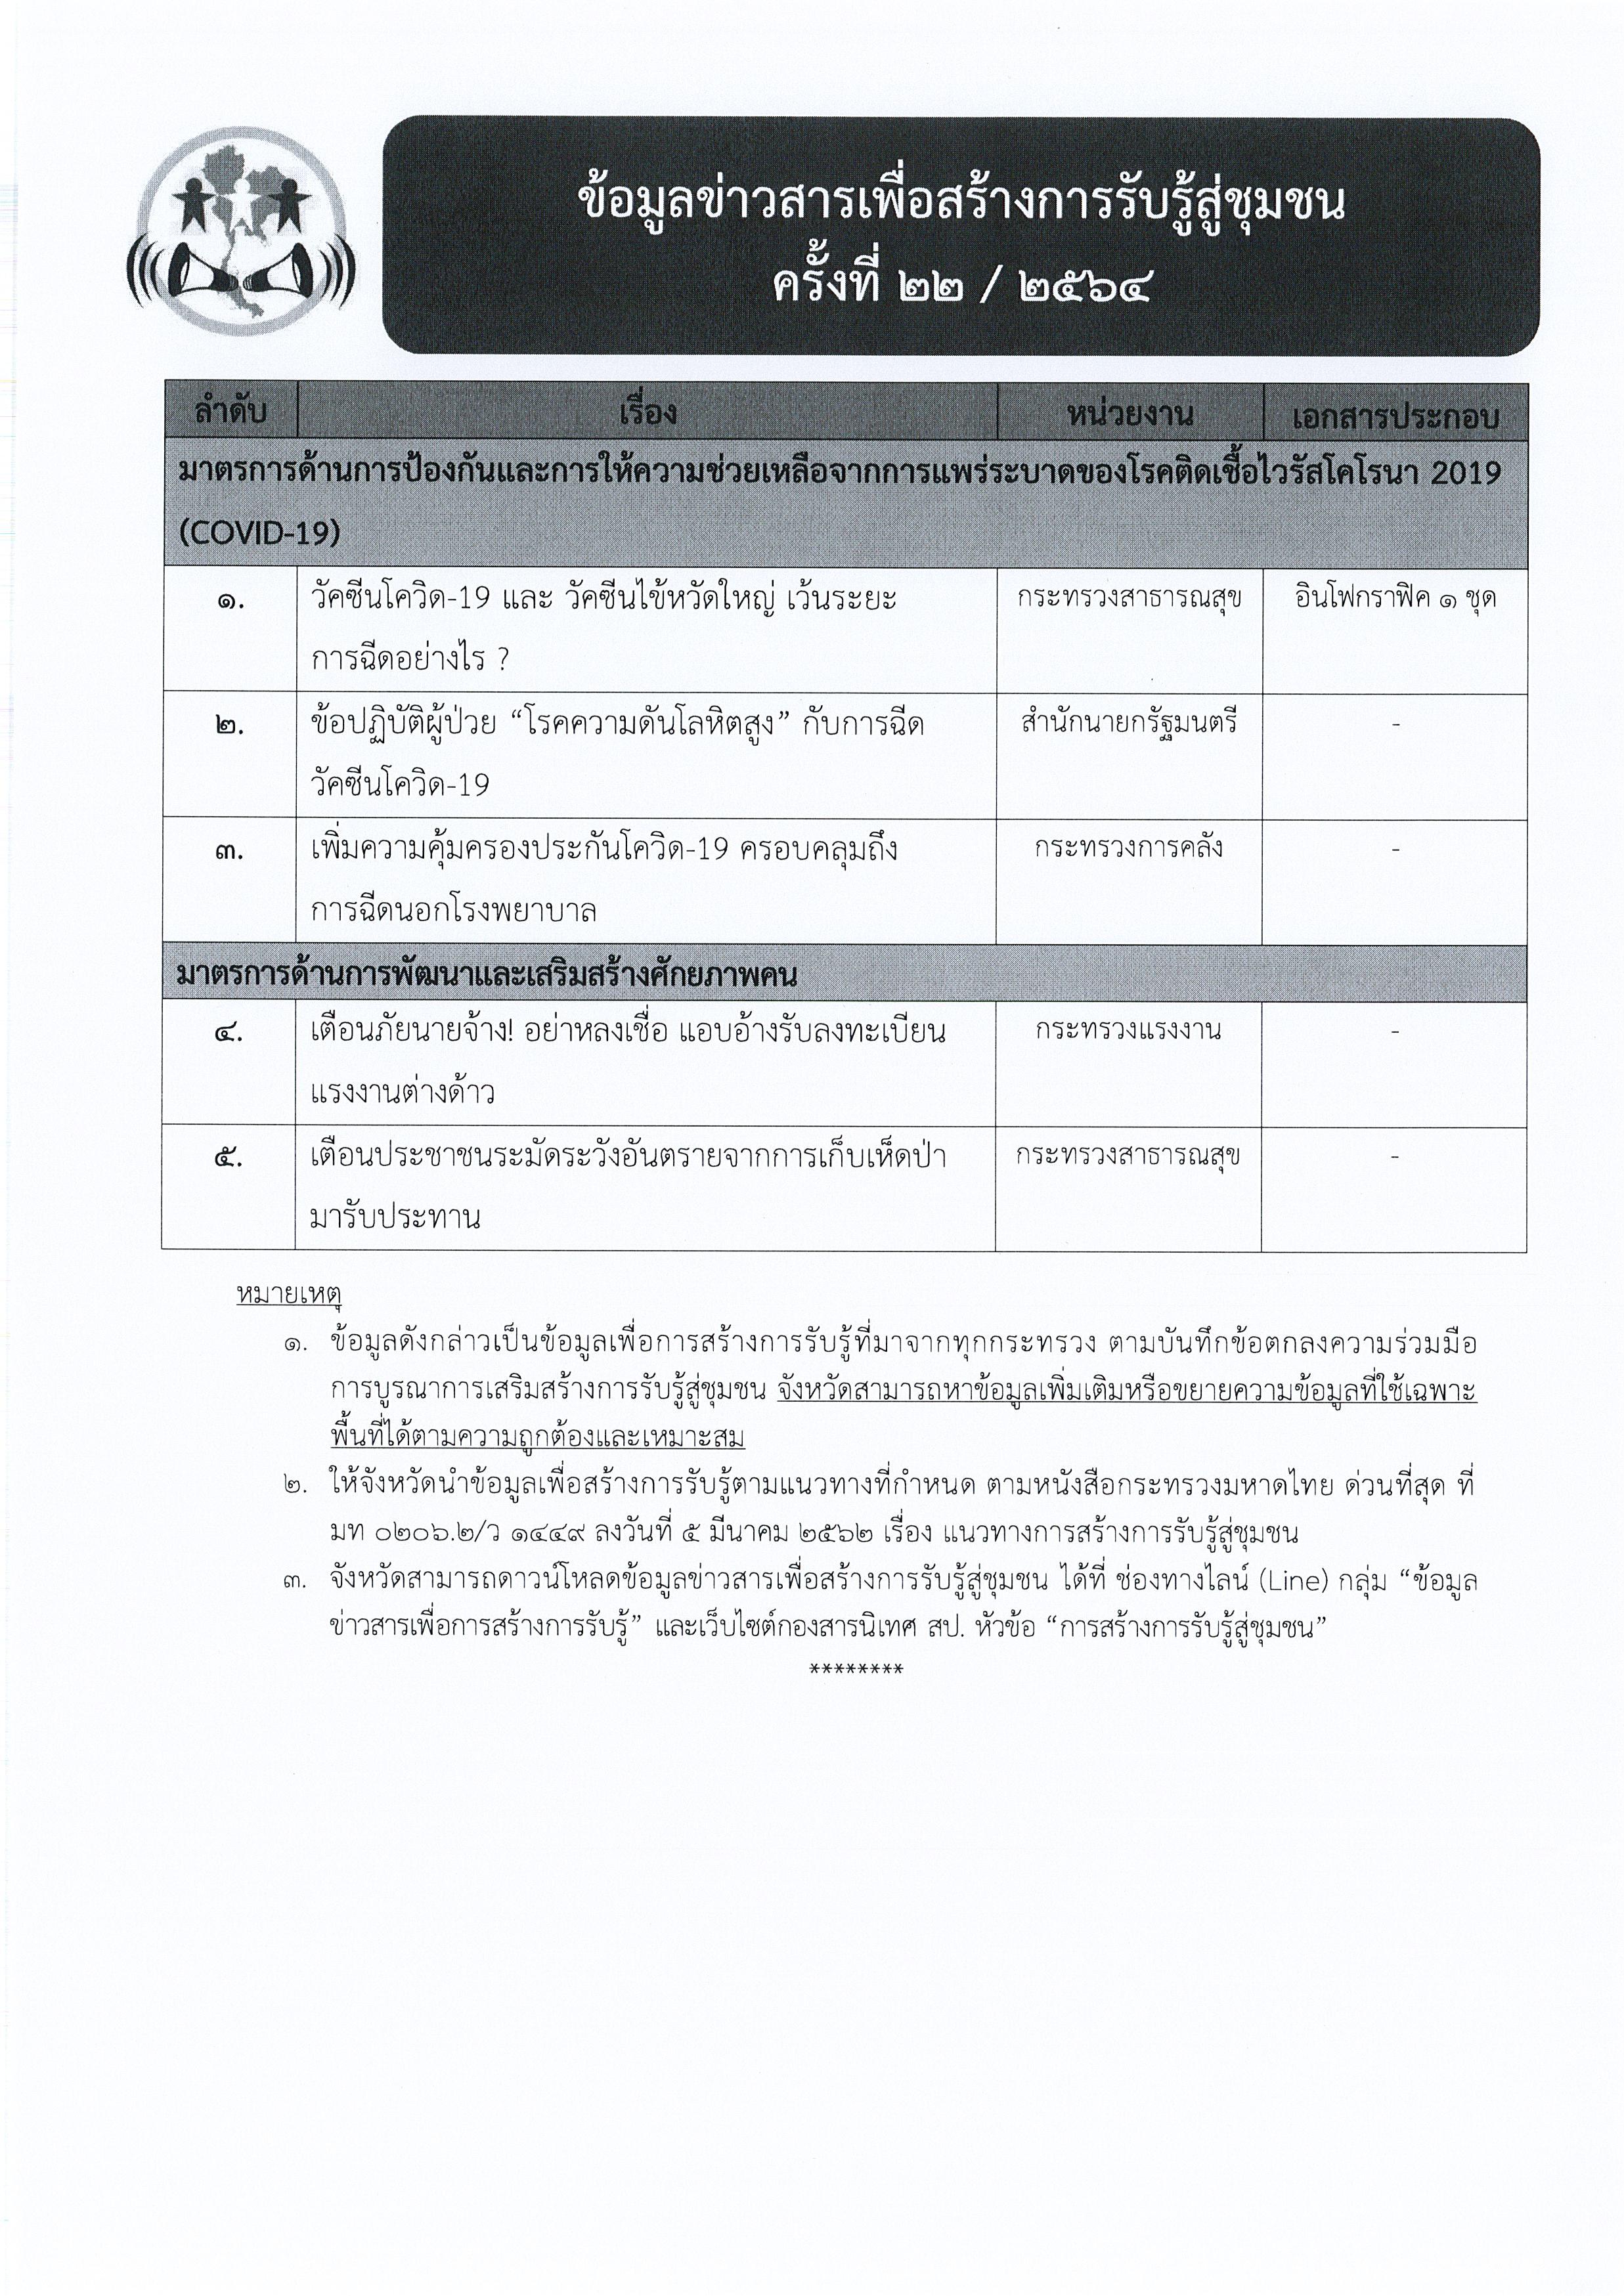 ข้อมูลข่าวสารเพื่อสร้างการรับรู้สู่ชุมชุน ครั้งที่ 22/2564